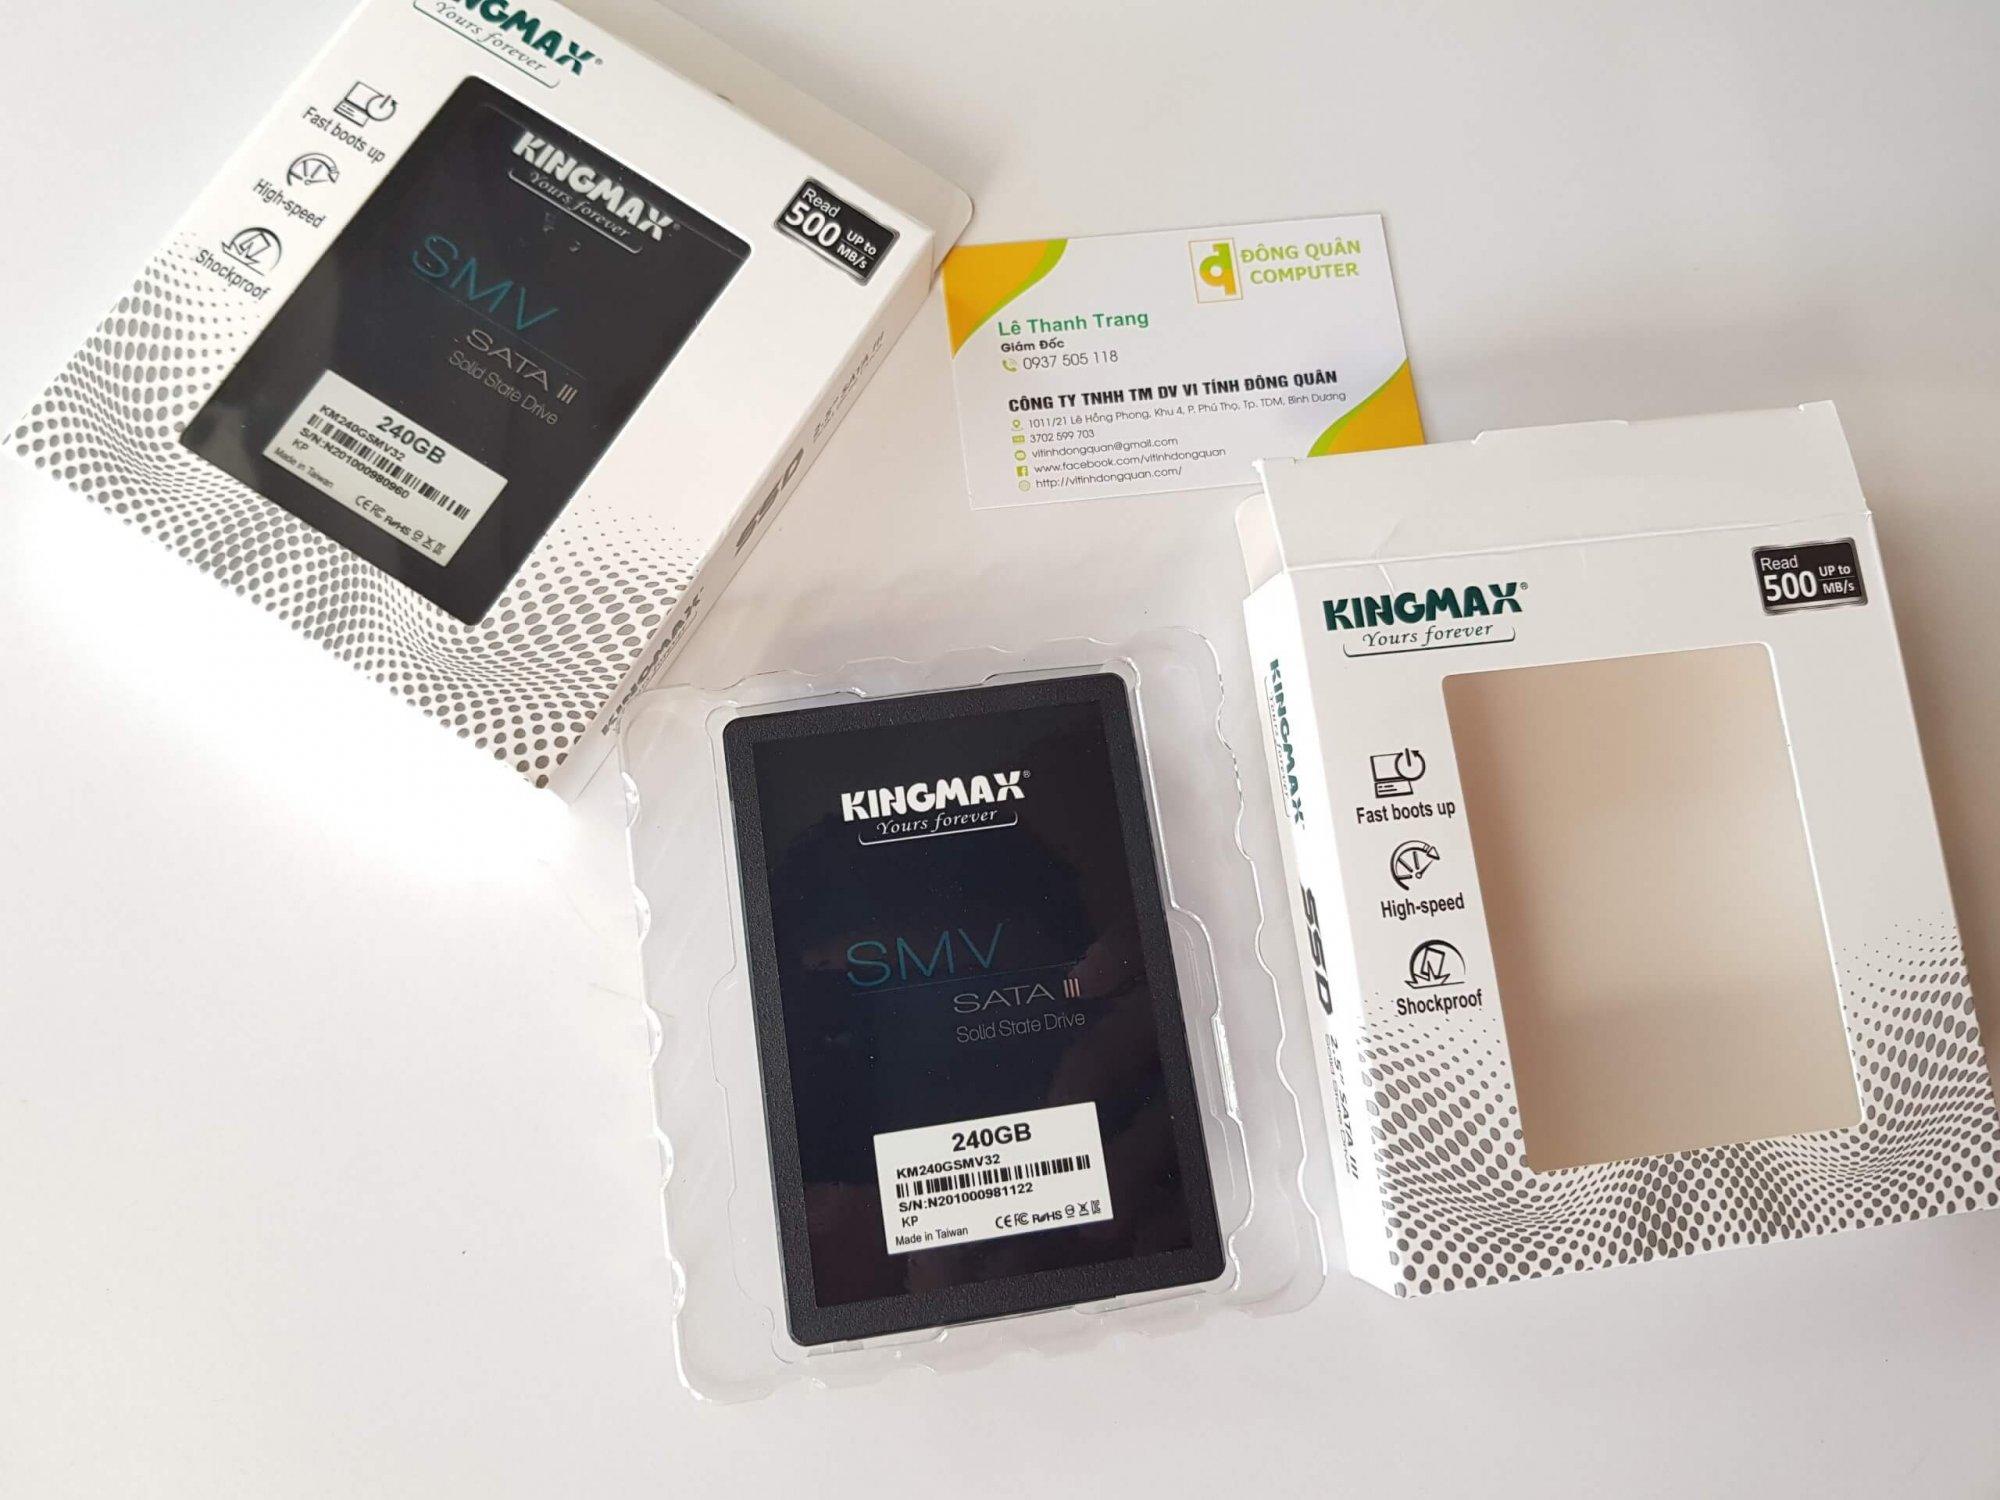 SSD KINGMAX SMV32 240GB